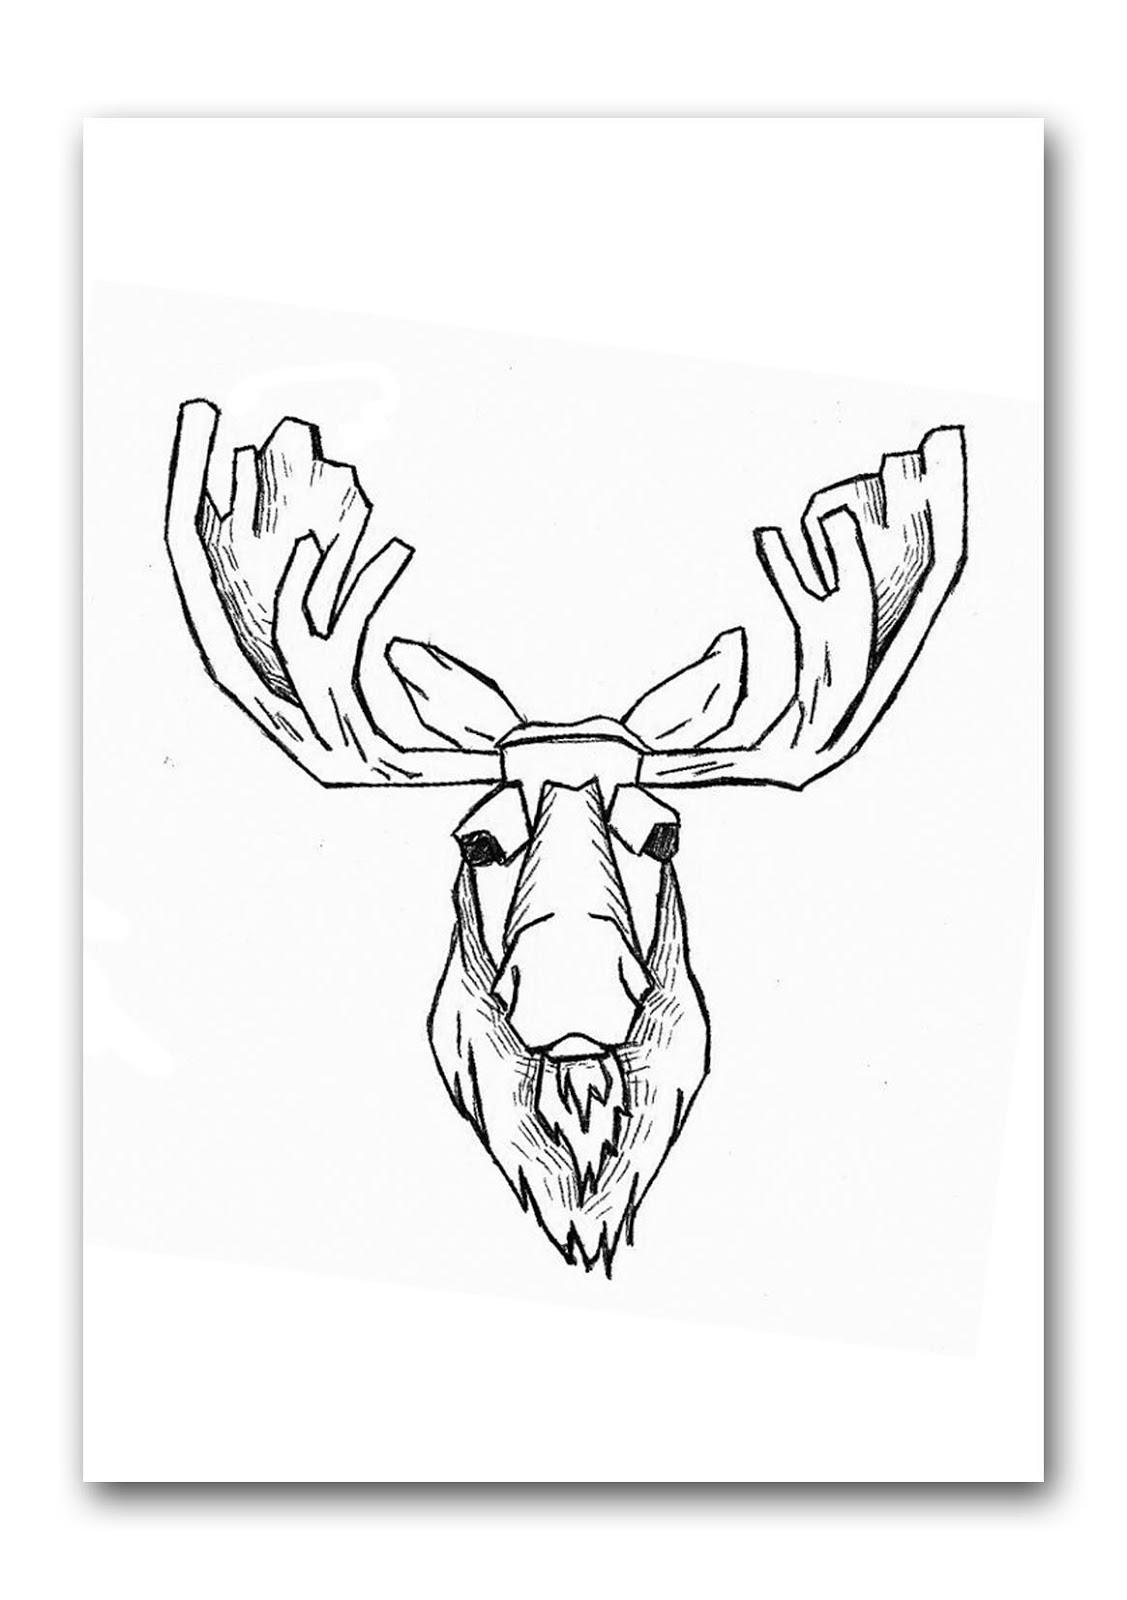 Dessins Gratuits À Colorier - Coloriage Caribou À Imprimer pour Caribou Dessin